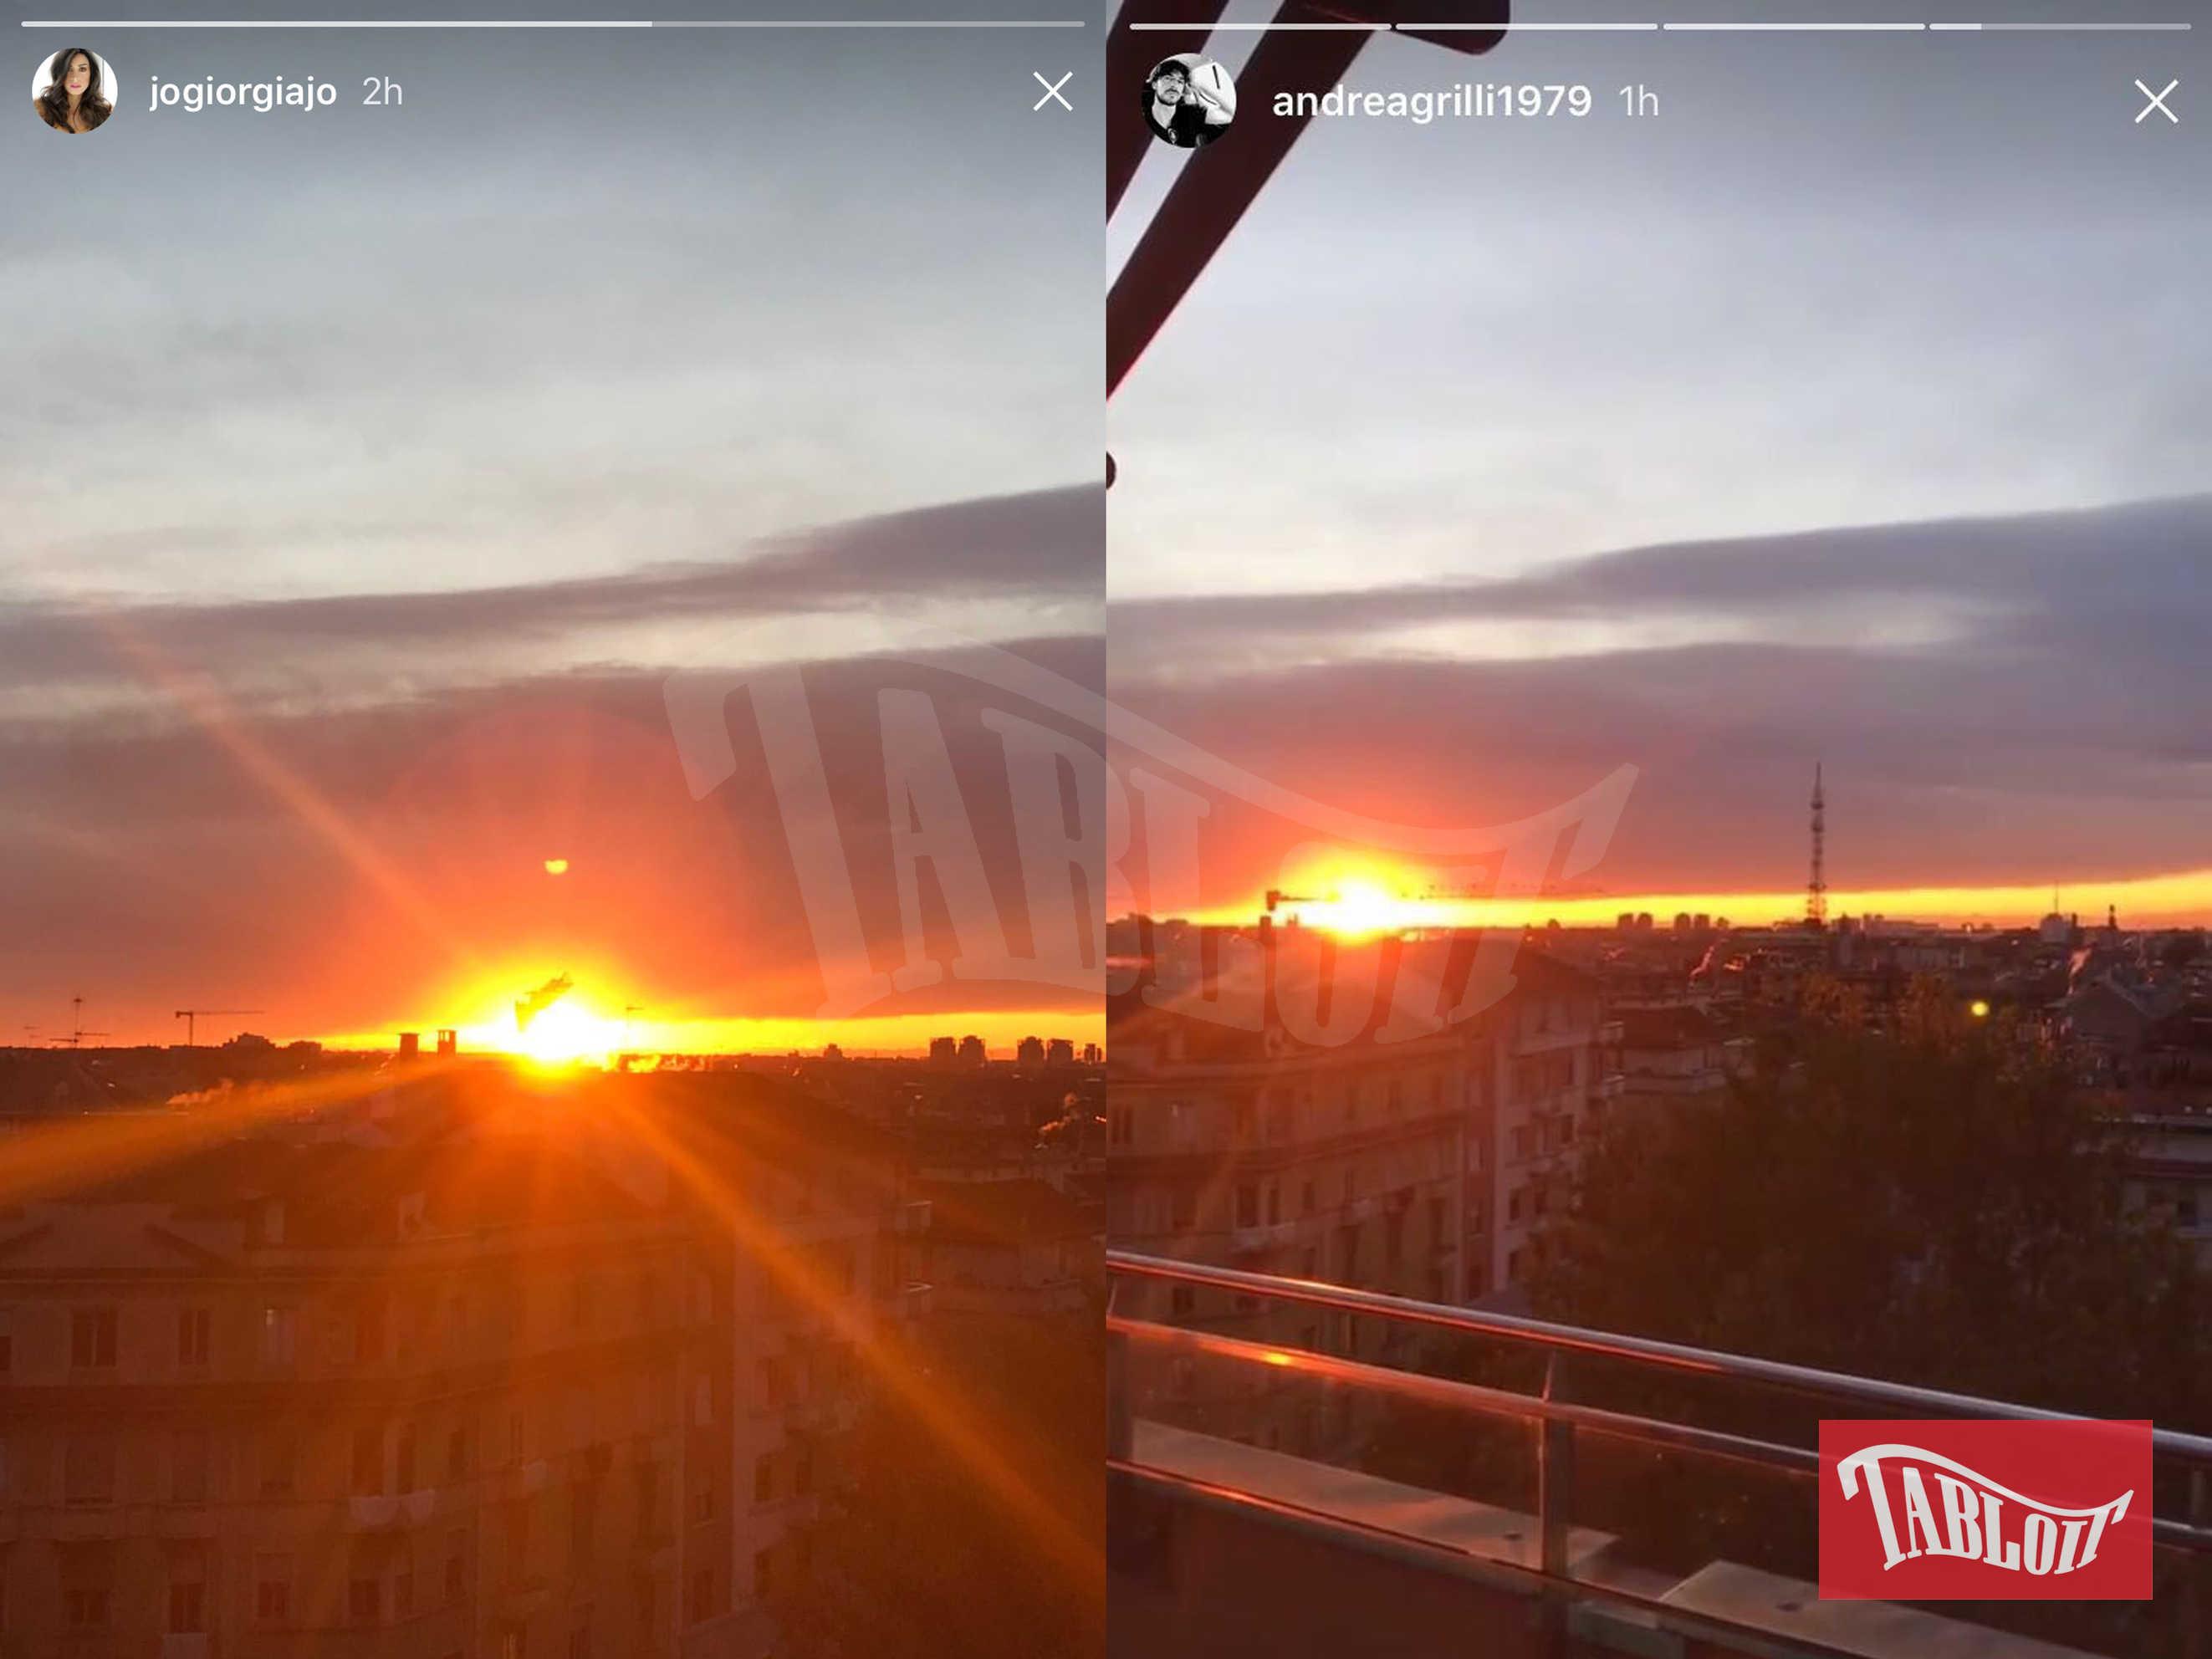 Ieri Giorgia Gabriele e Andrea Grilli hanno pubblicato la foto del tramonto dallo stesso punto di vista: l'attico di Andrea in zona Corso Italia a Milano